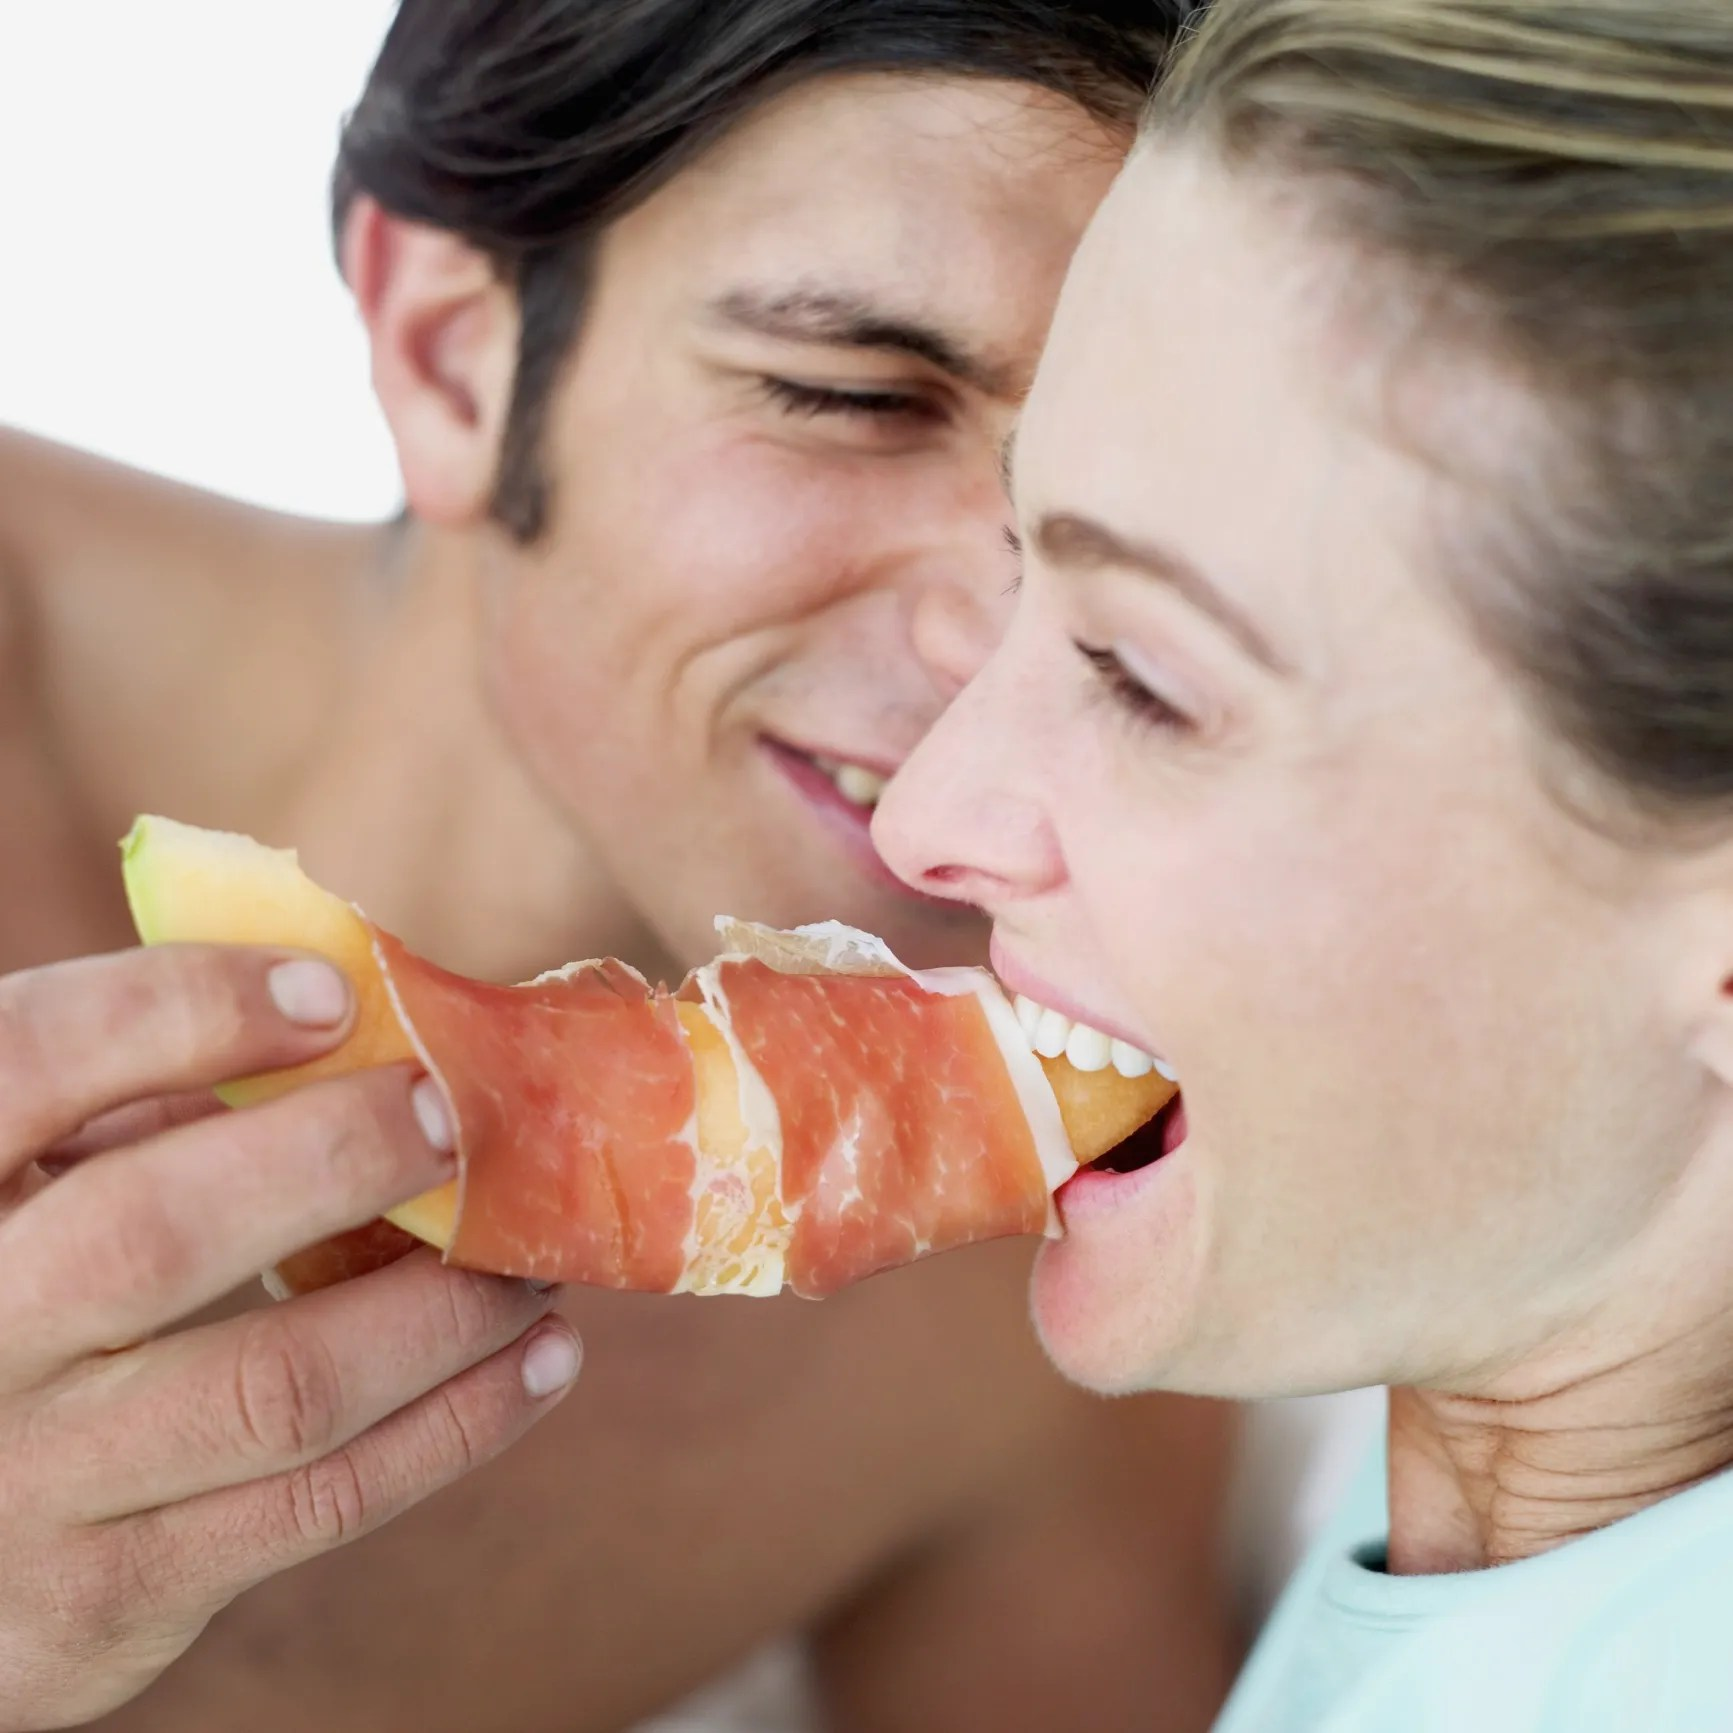 Vídeos Porno Eat Sperm amp Vídeos de Sexo  Pornhubcom